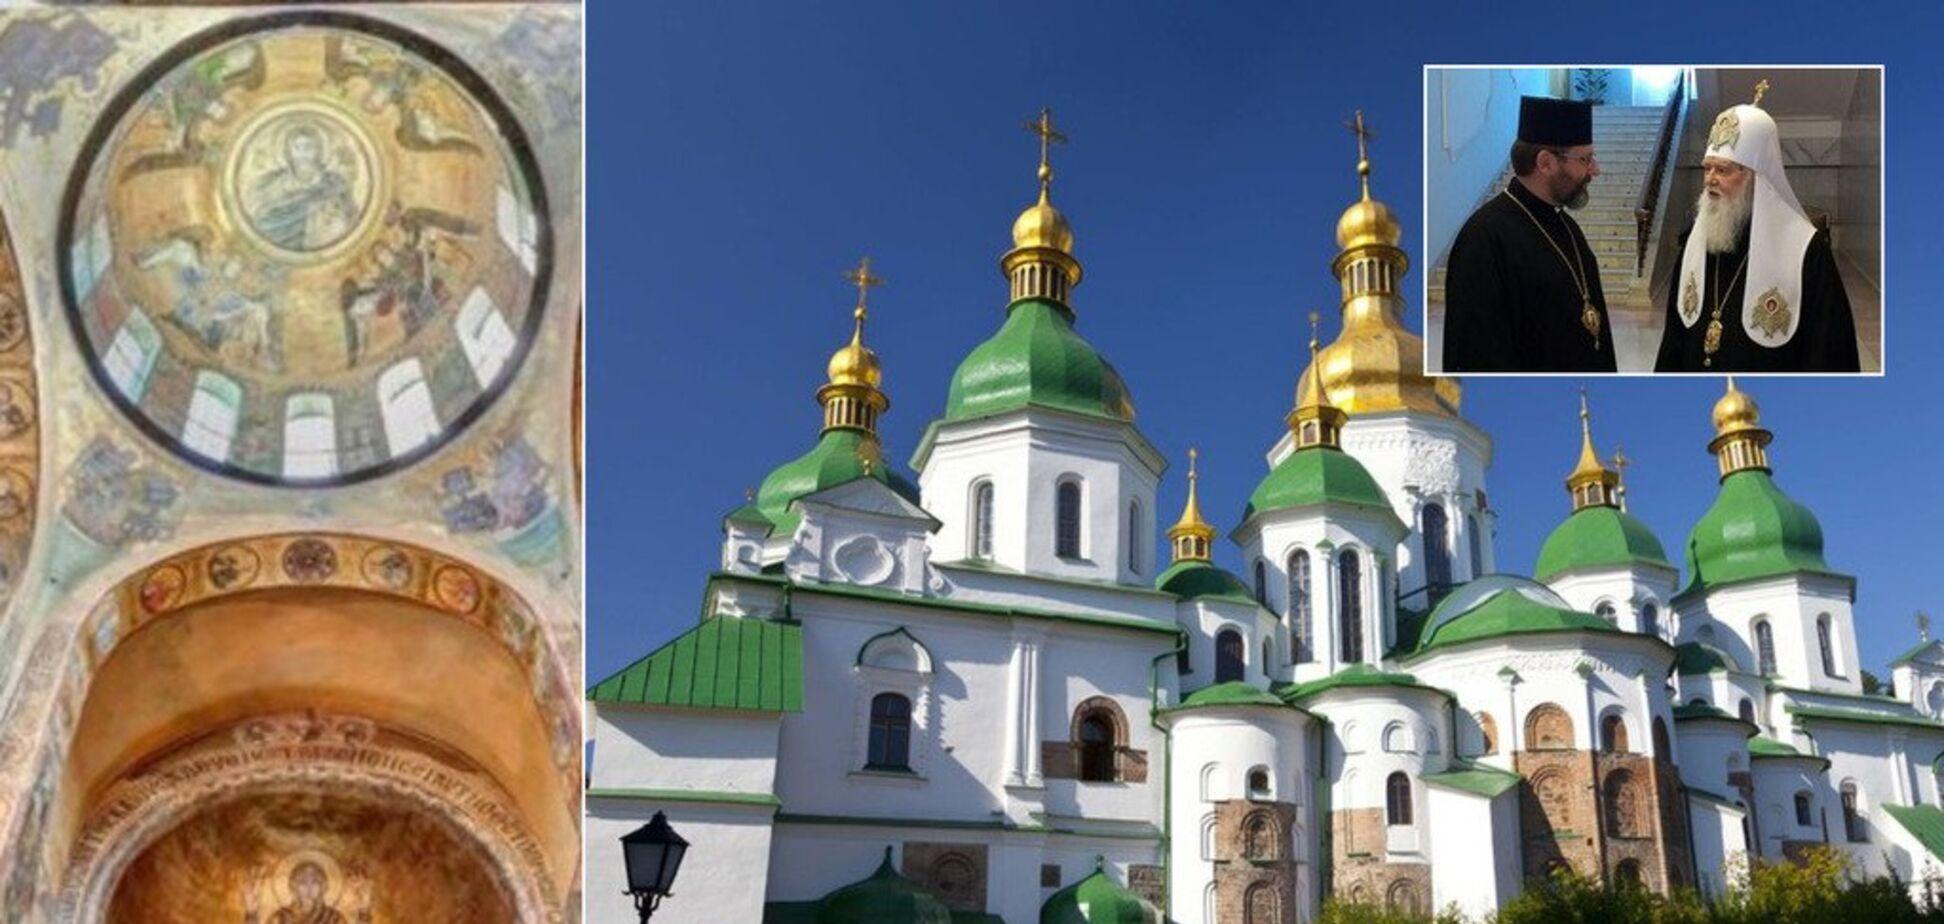 'Вороги роздмухують пожежу': Росія влаштувала церковну провокацію в Україні